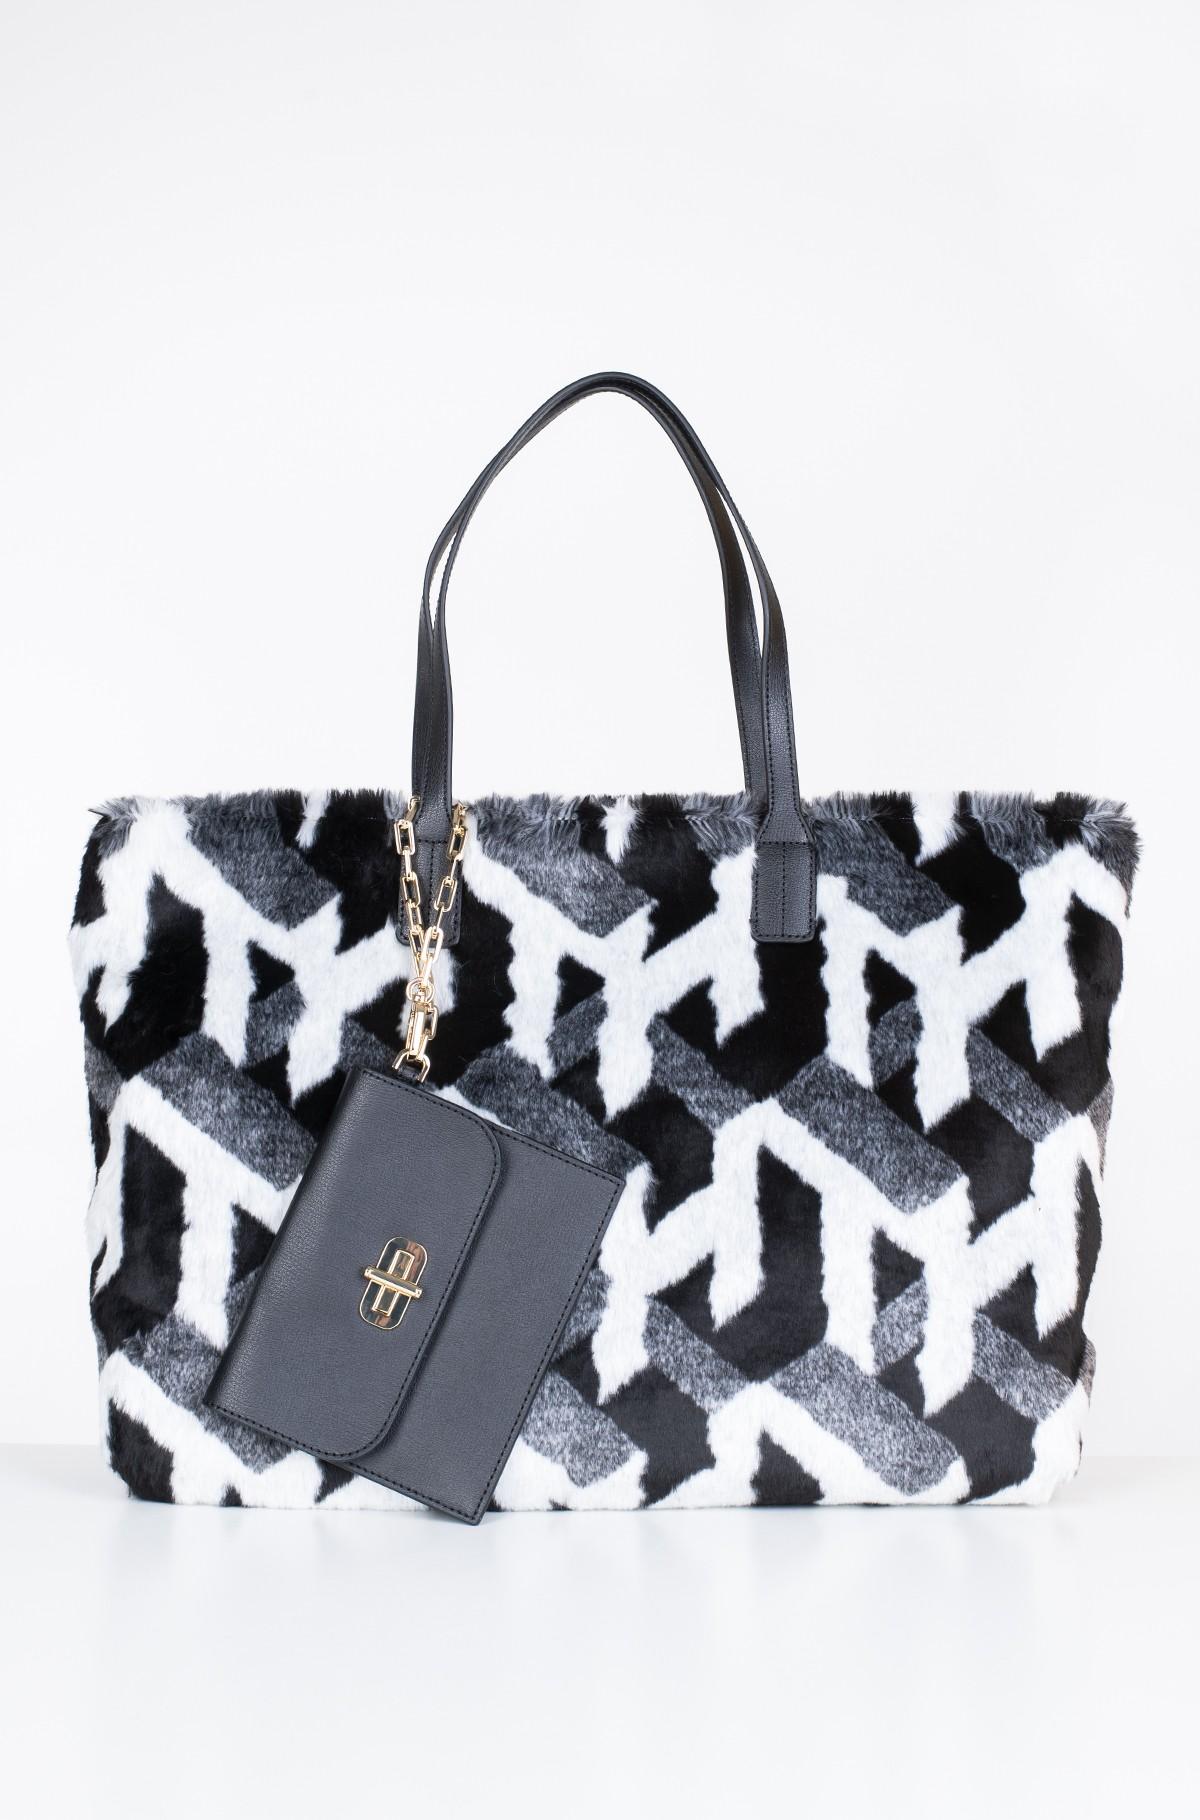 Handbag TURNLOCK TOTE FUR-full-1